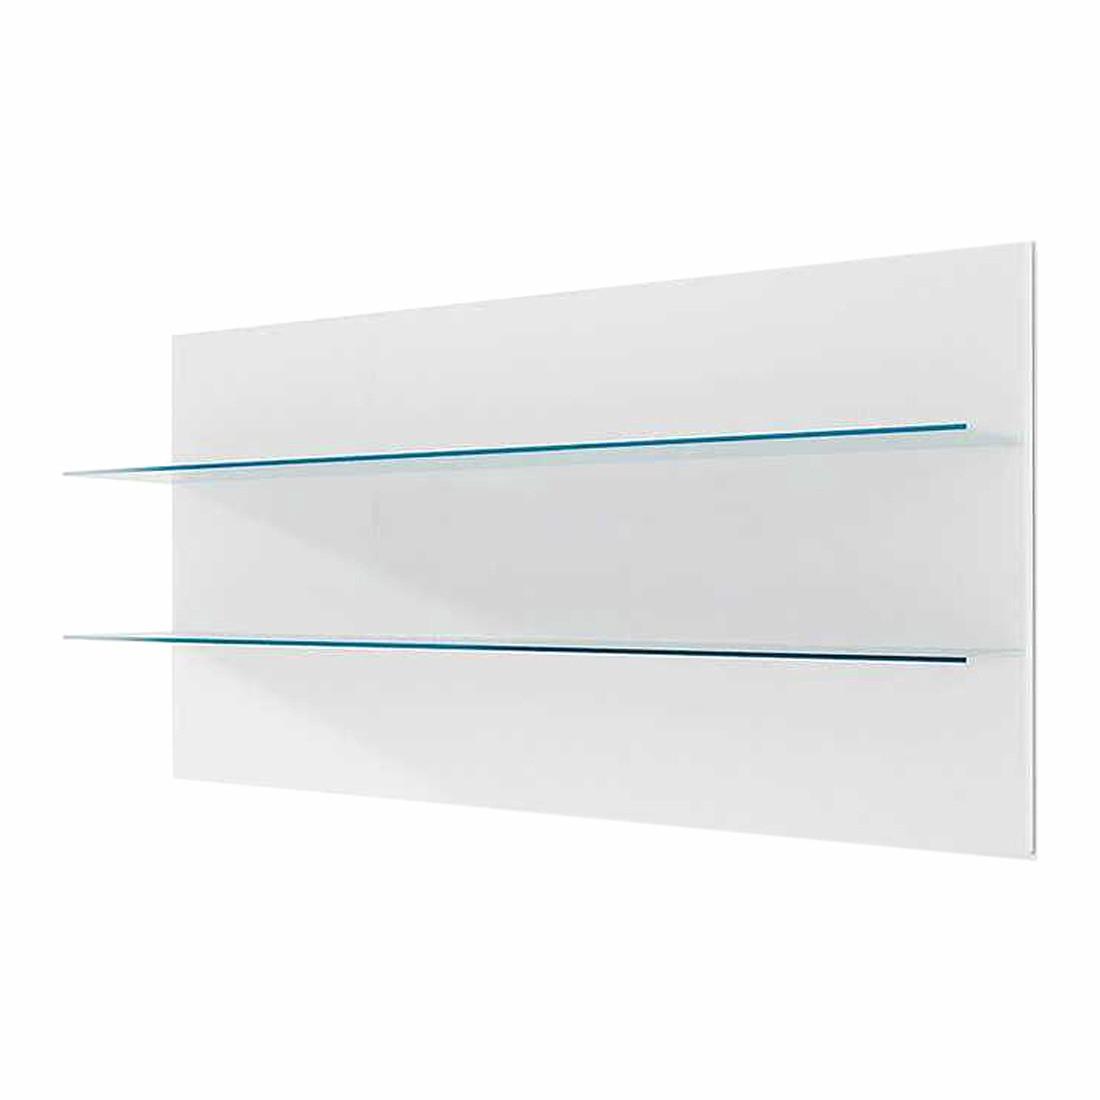 Wandpaneel Corana klein – Hochglanz Weiß – Ohne Beleuchtung, loftscape günstig